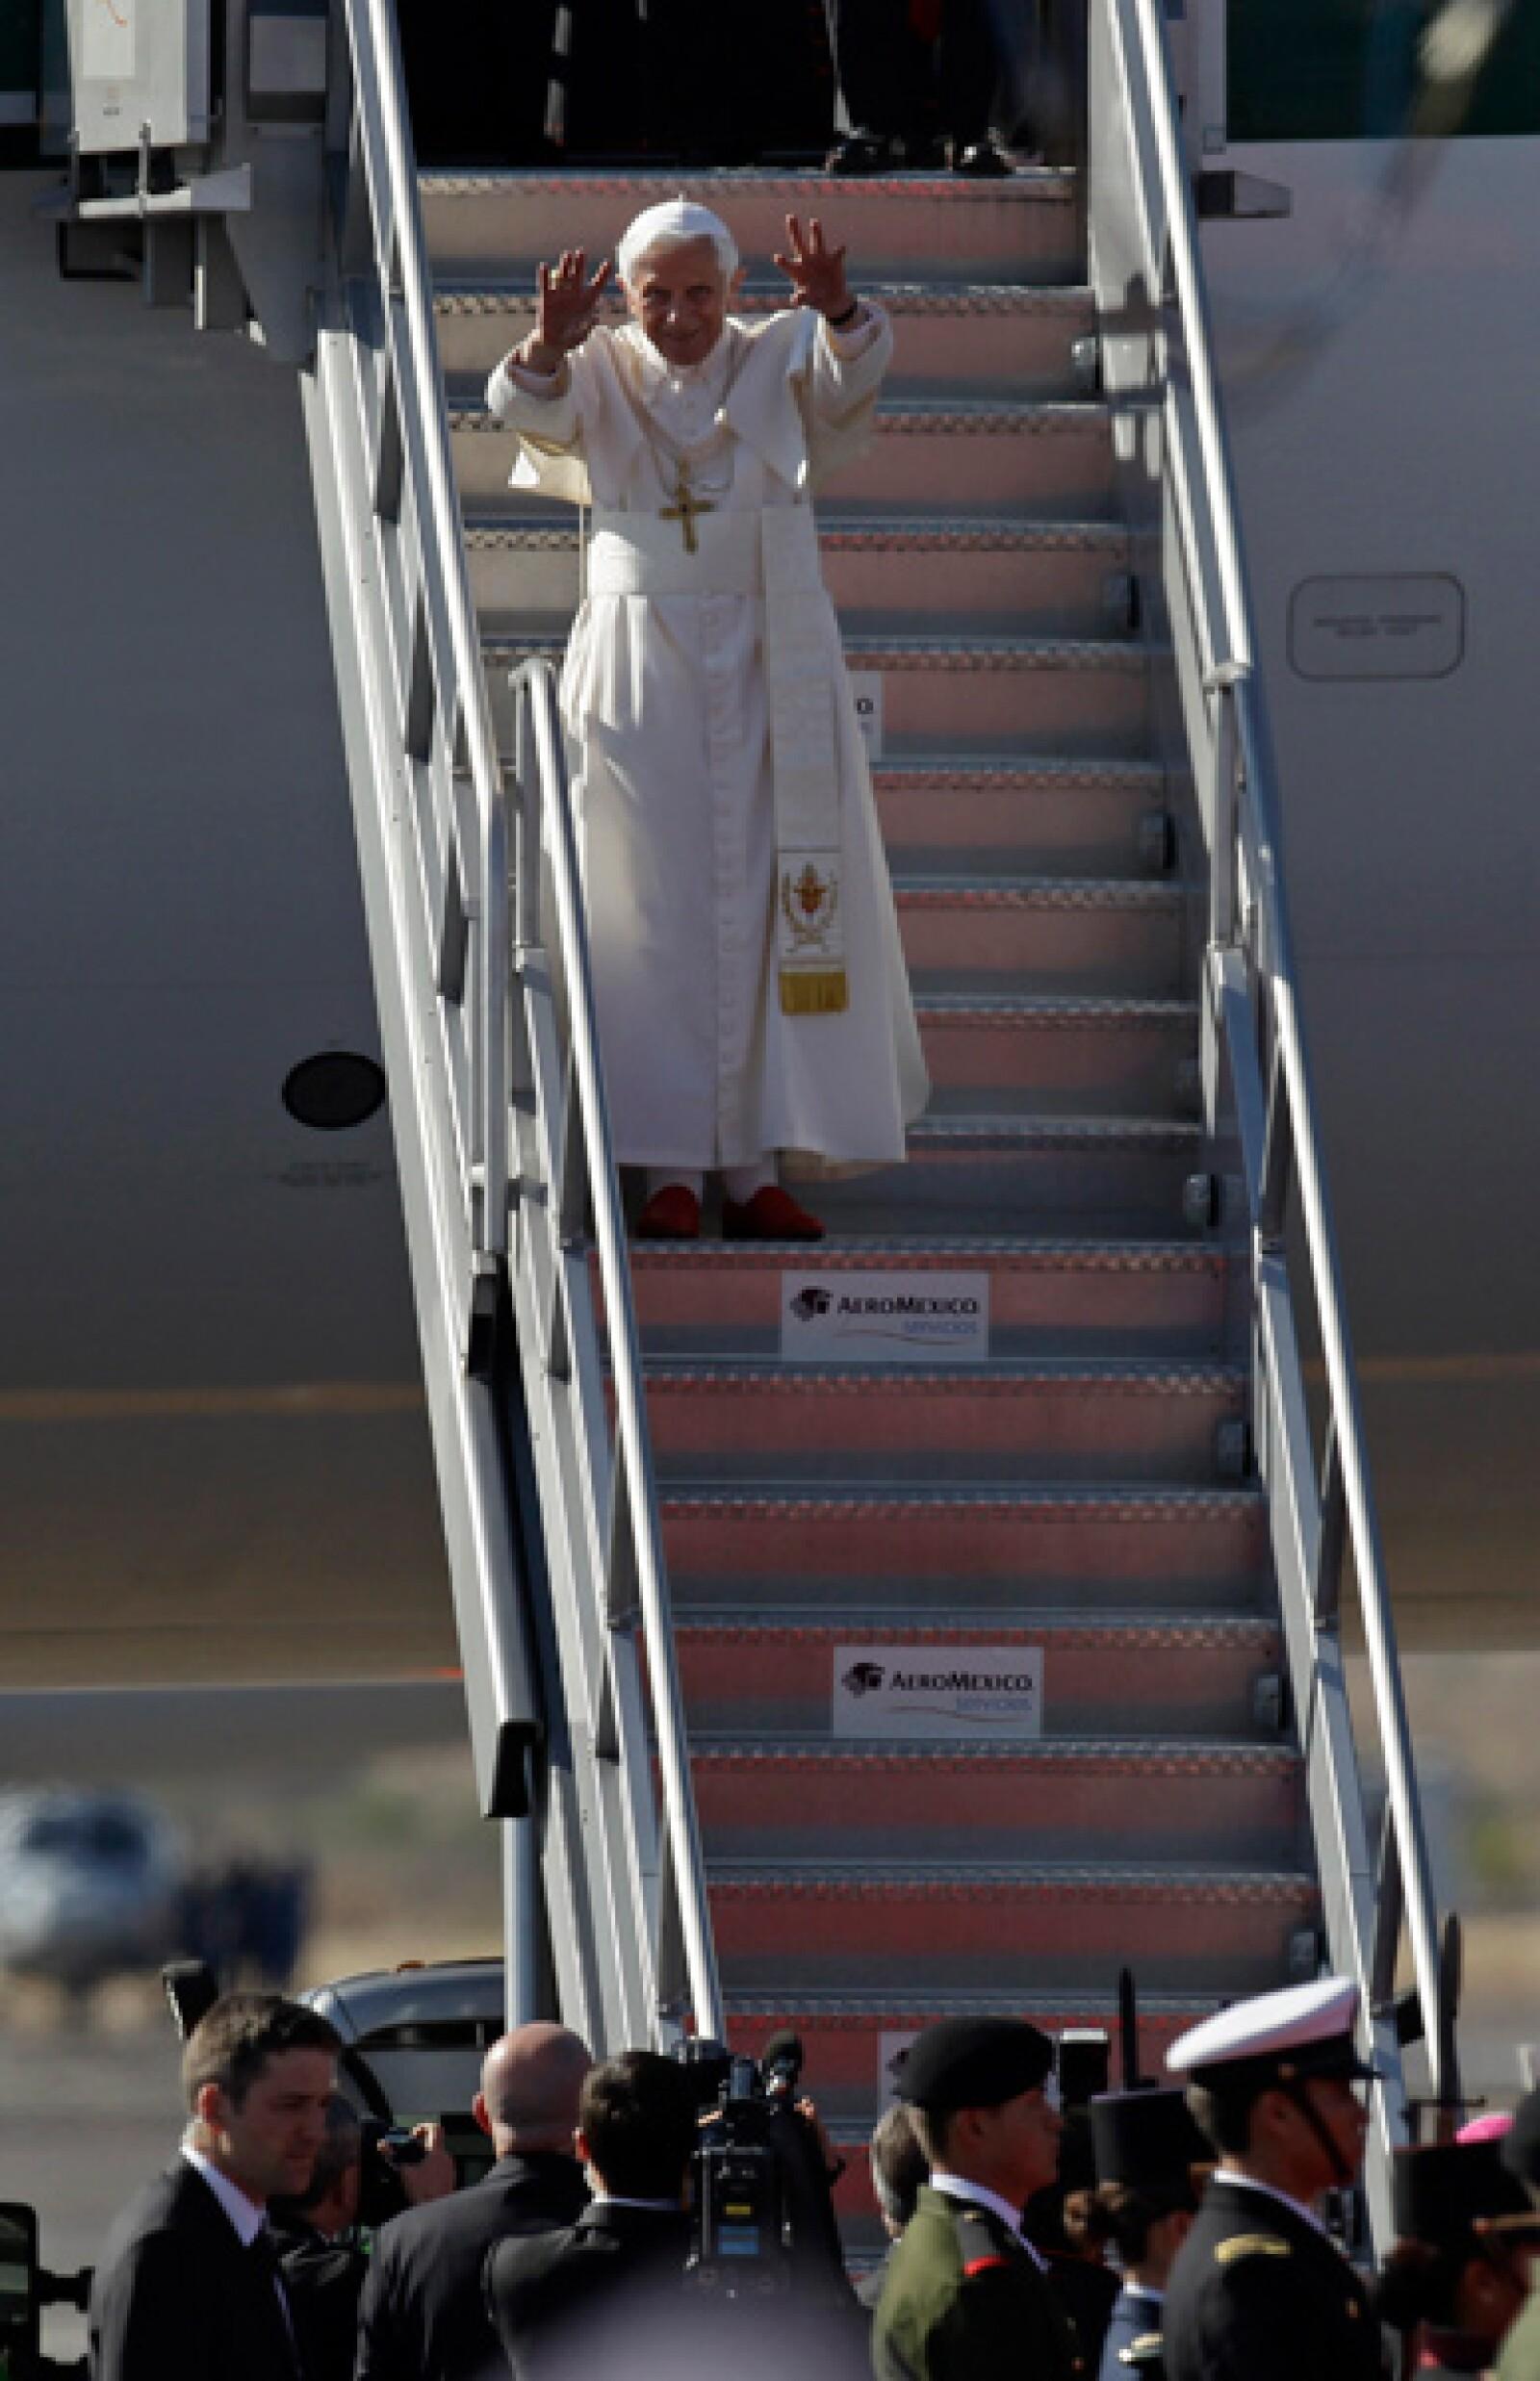 El Papa descendió por la escalinata del avión, pasadas las 16:00 horas, y aunque se pensó que podía besar el suelo, como lo hacía su antecesor, se limitó a ondear su mano, en señal de saludo.